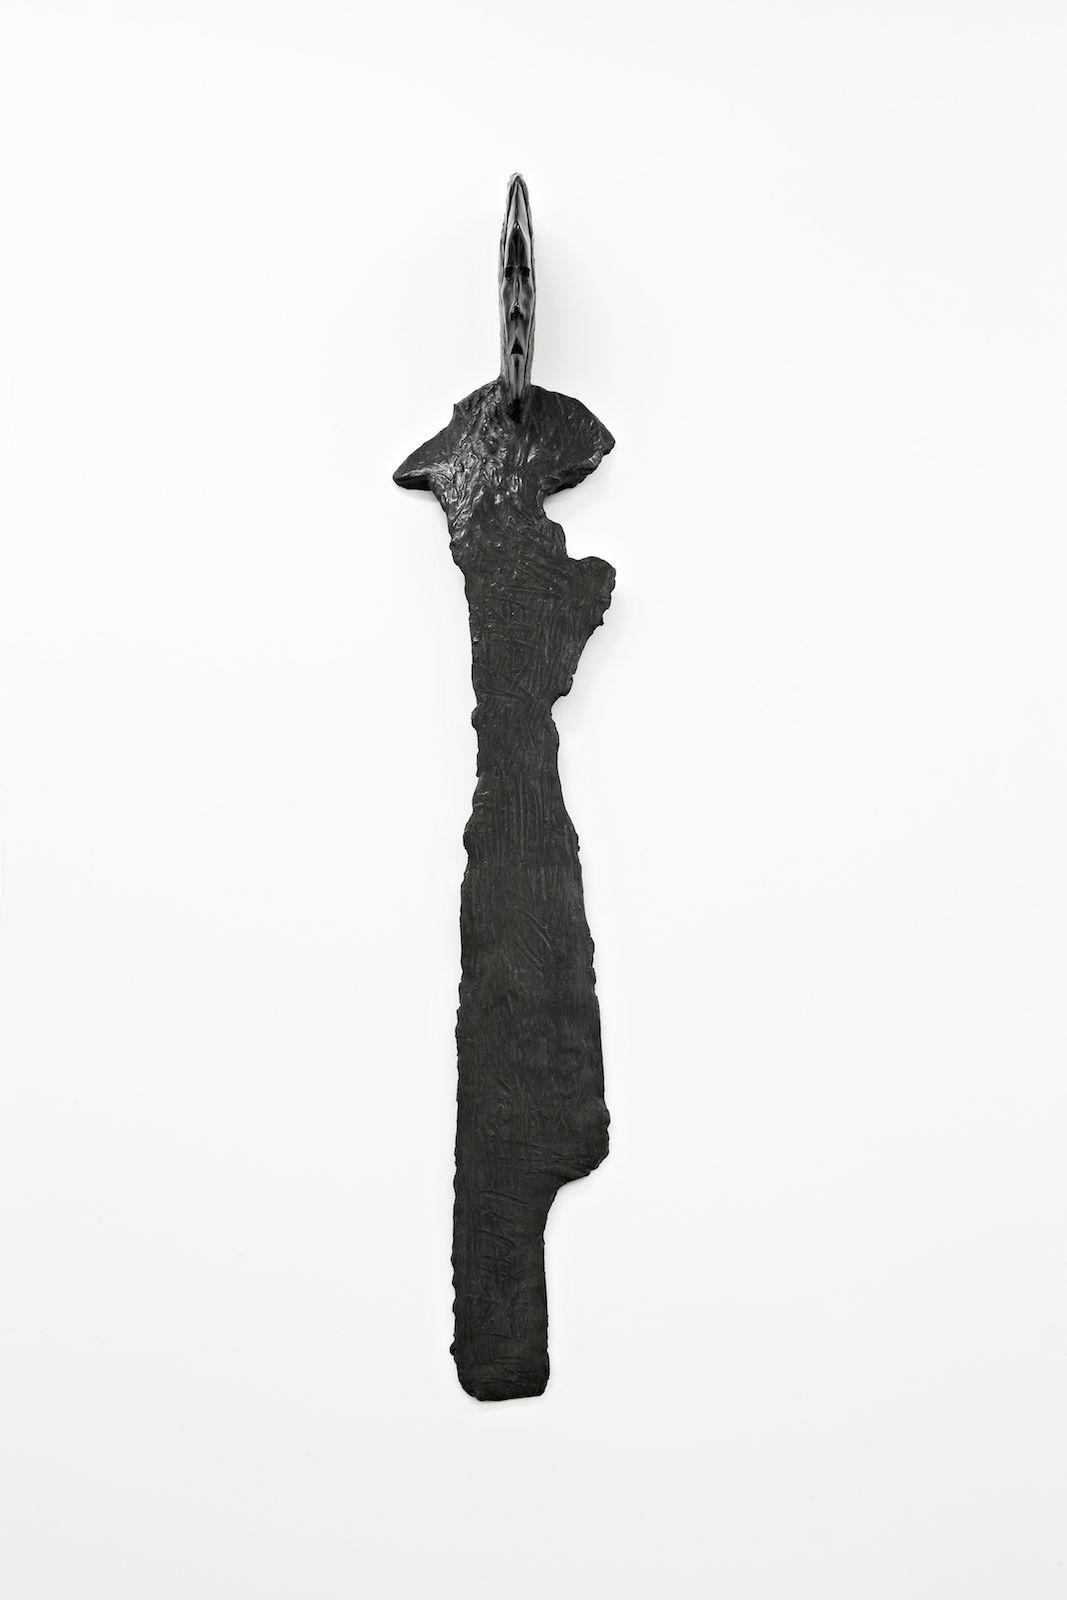 Klær til veggene II, 2009, patinated bronze, 155 x 29 x 19 cm